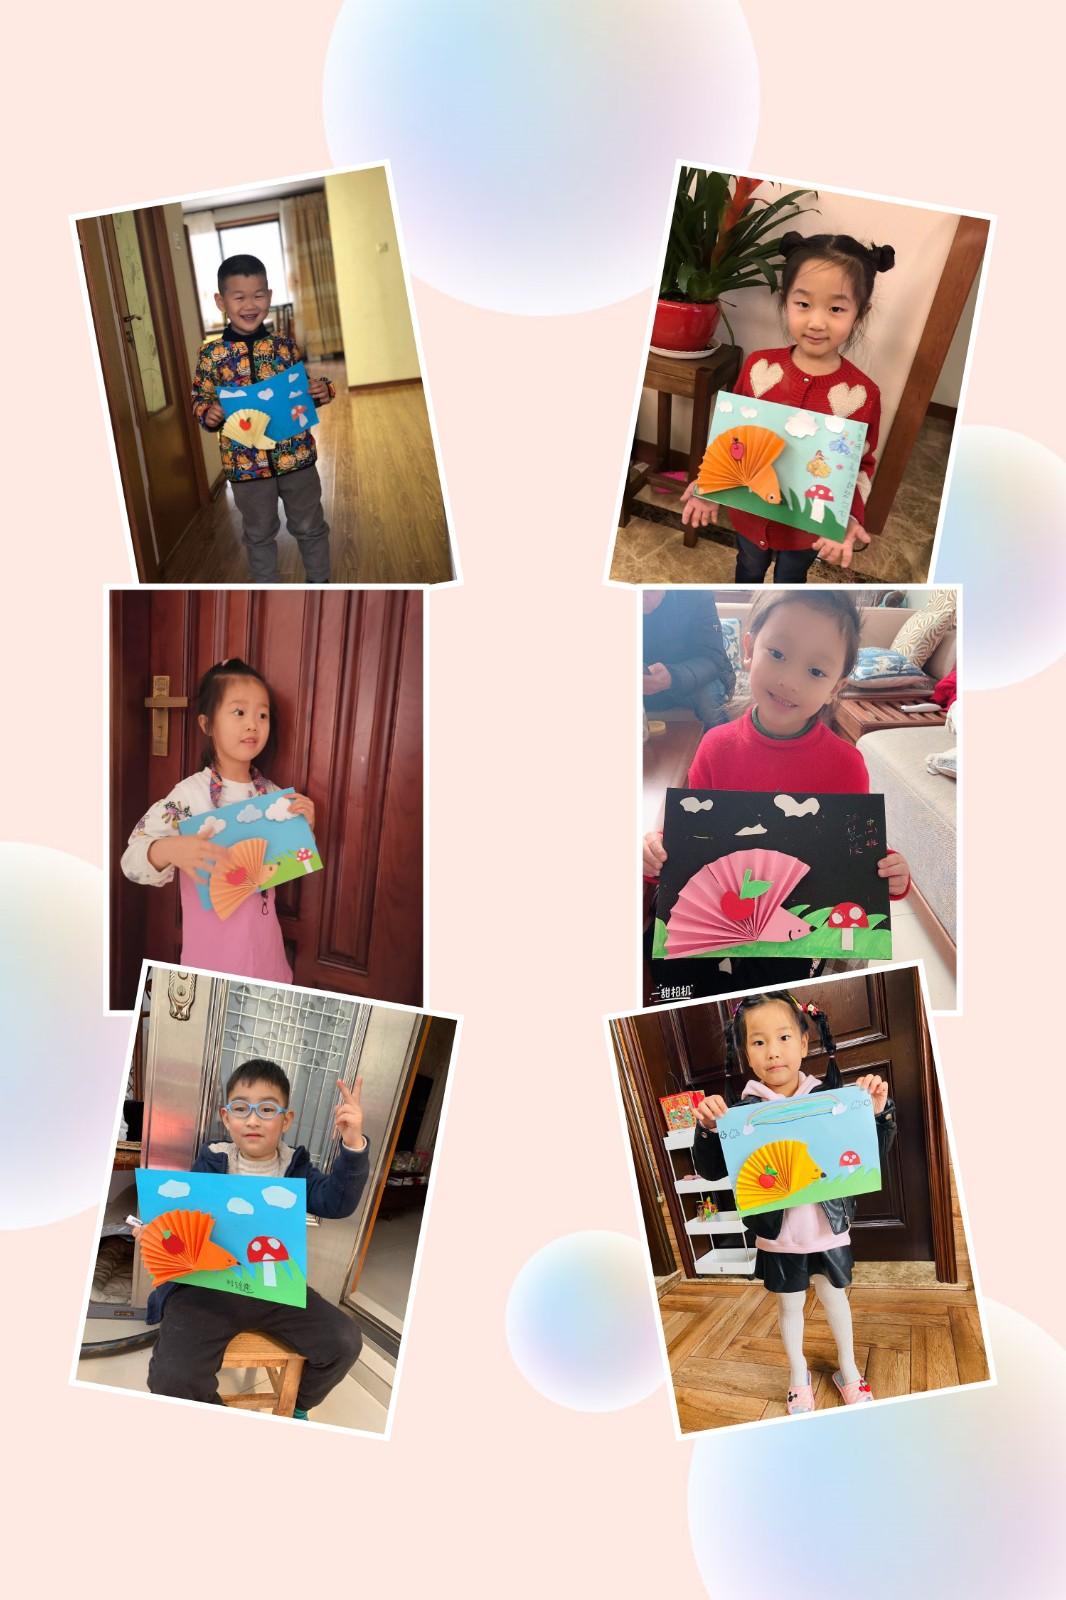 爱尼尔幼儿园停课不停学,幼儿居家学习成果展示(二)